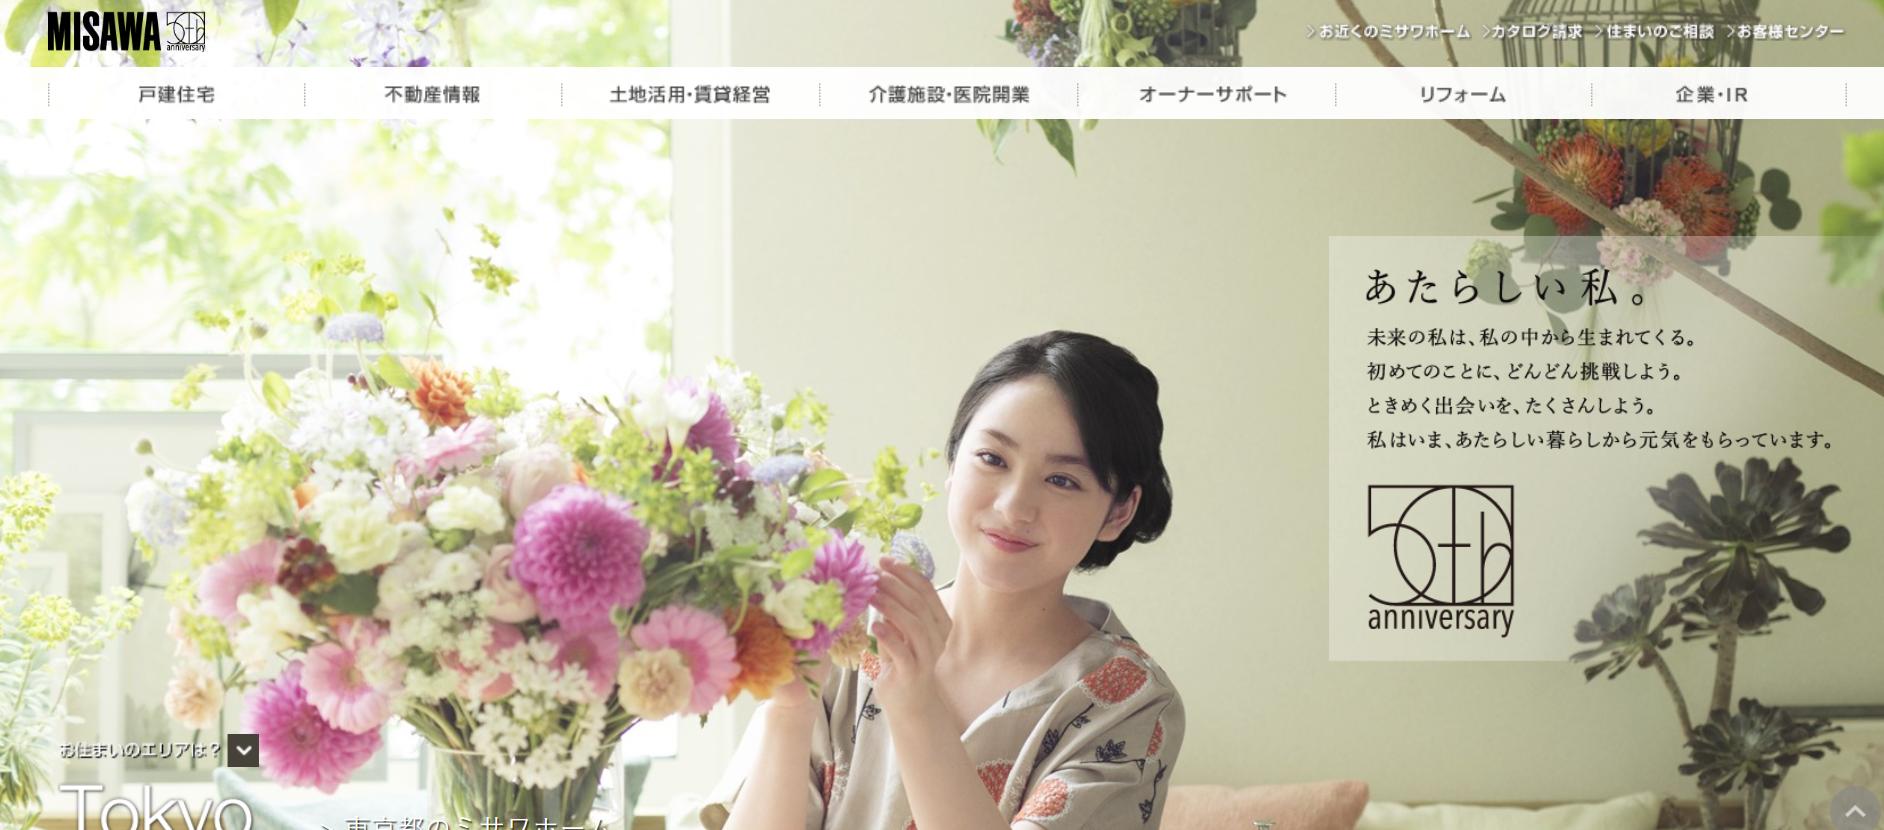 ミサワホームの評判・口コミ【大阪/30代女性】